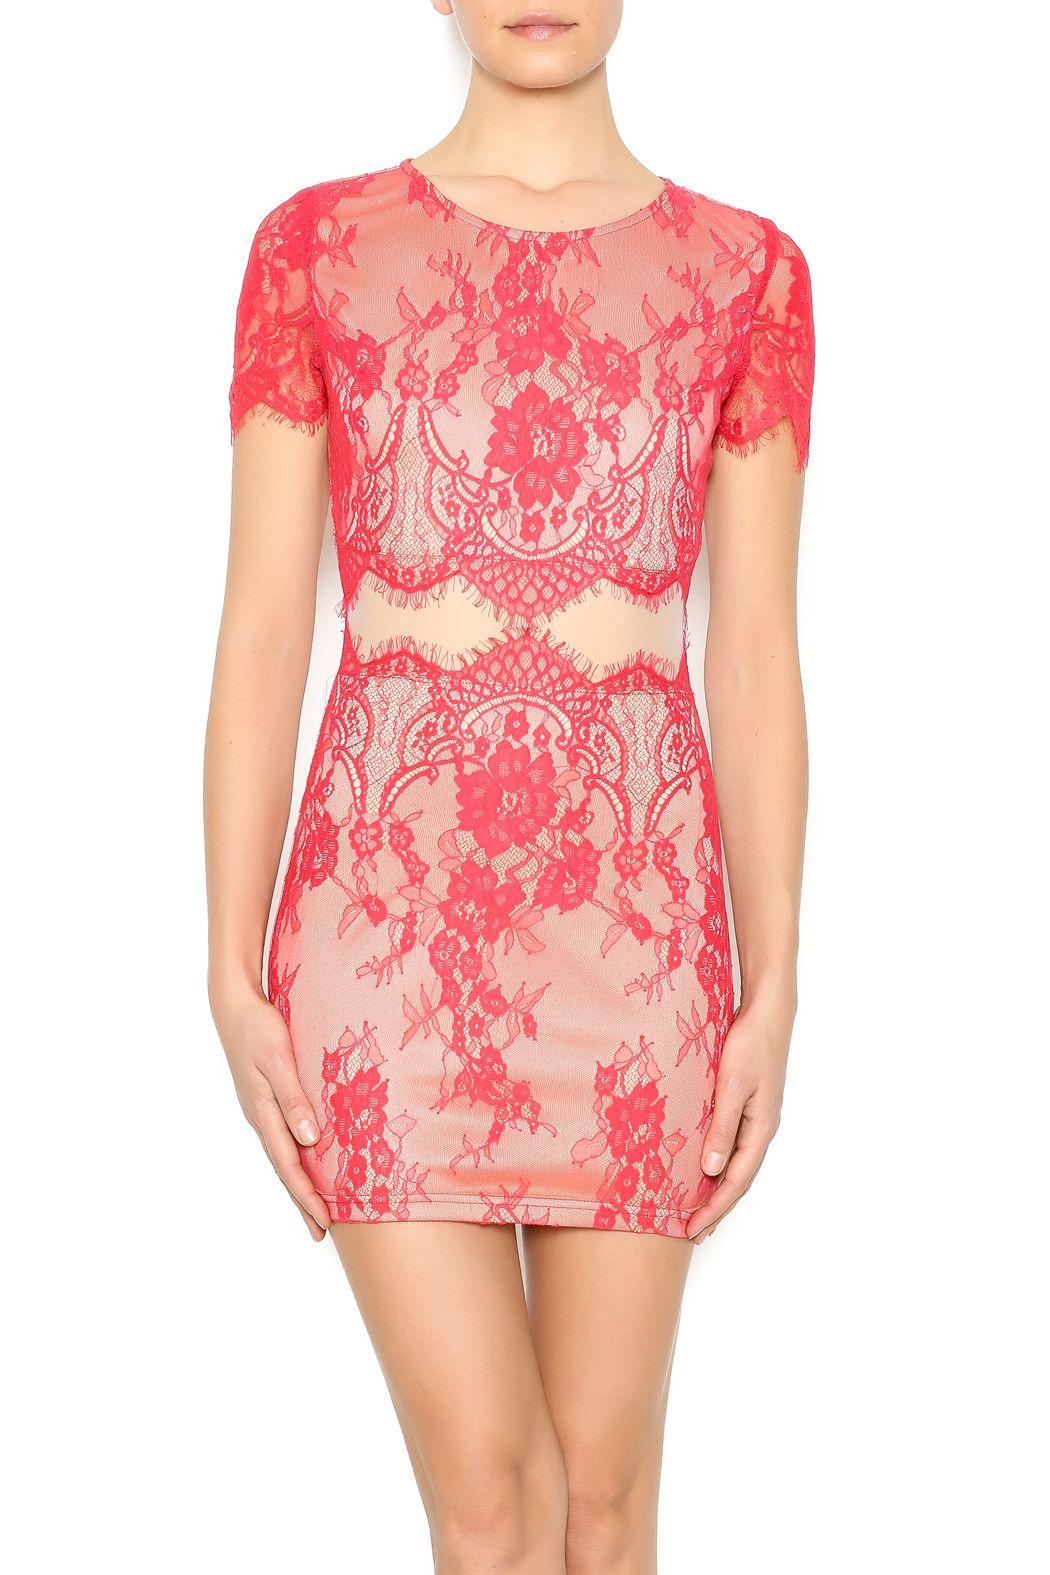 luxxel Sybil Mini Dress | Pinterest